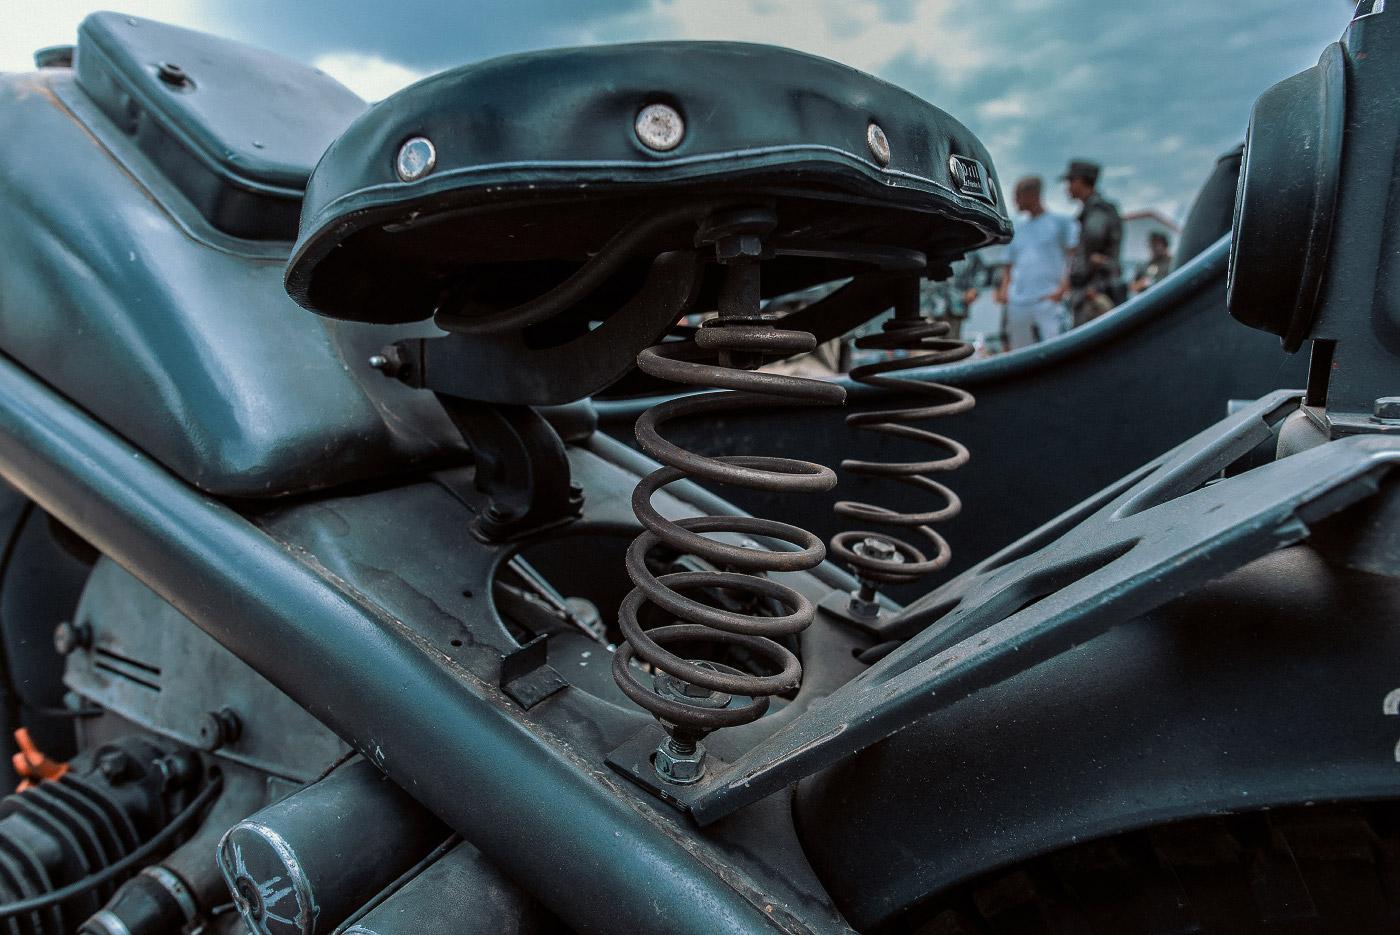 Panzertreffen 2018, Motorradfederung